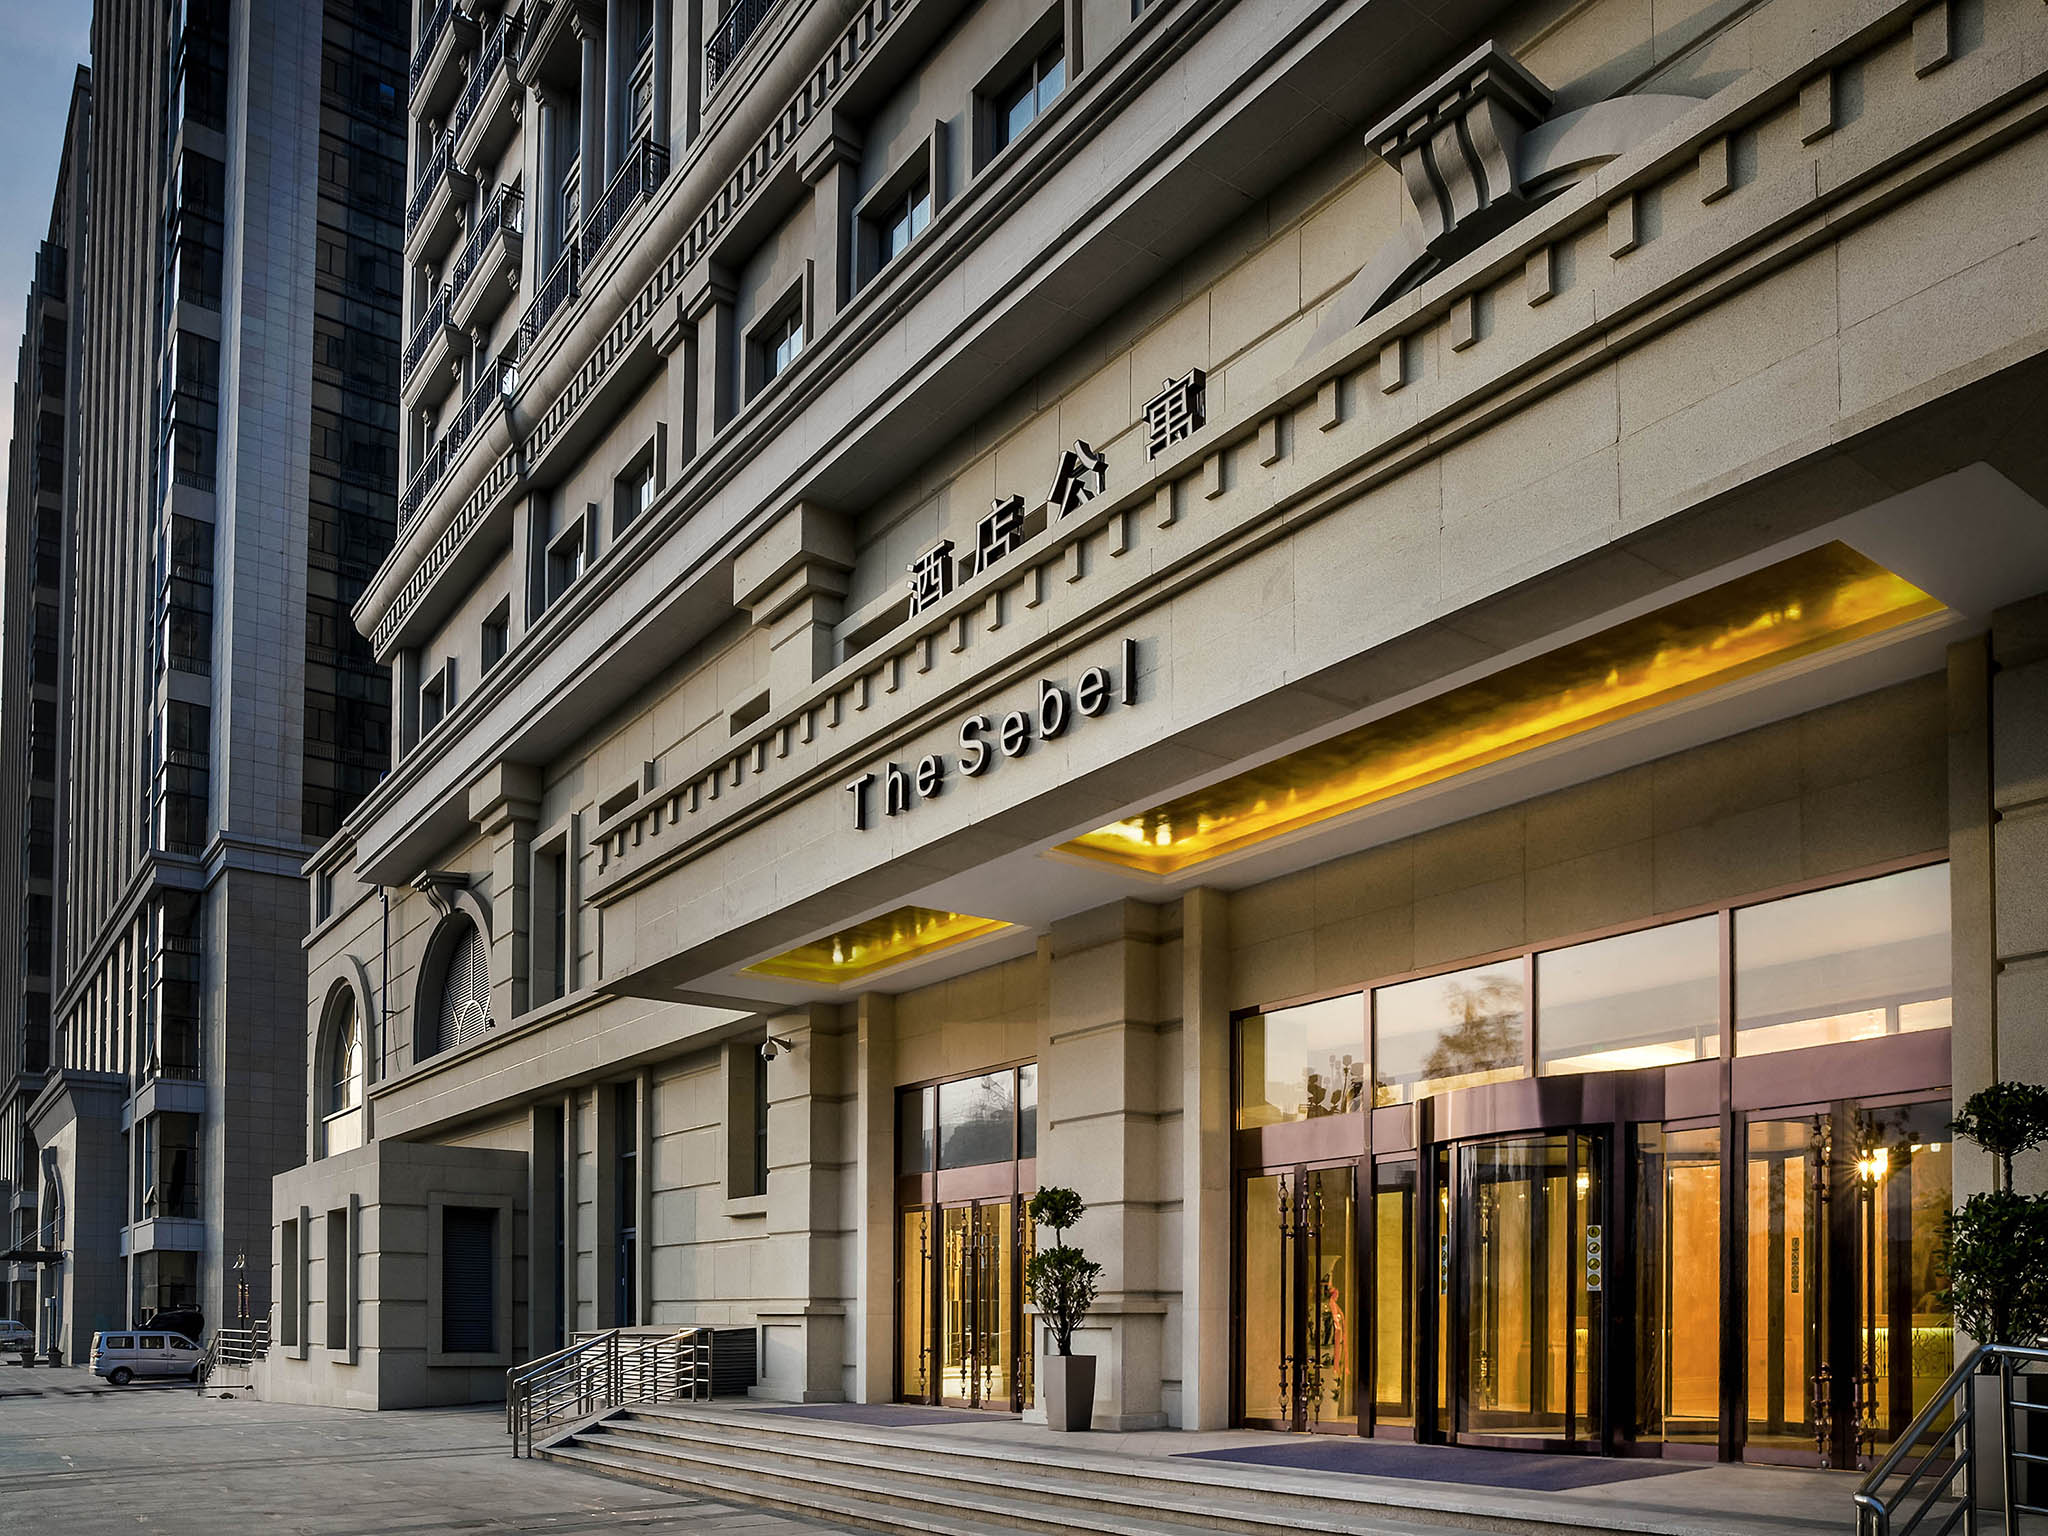 Hotel – The Sebel Xi Ning